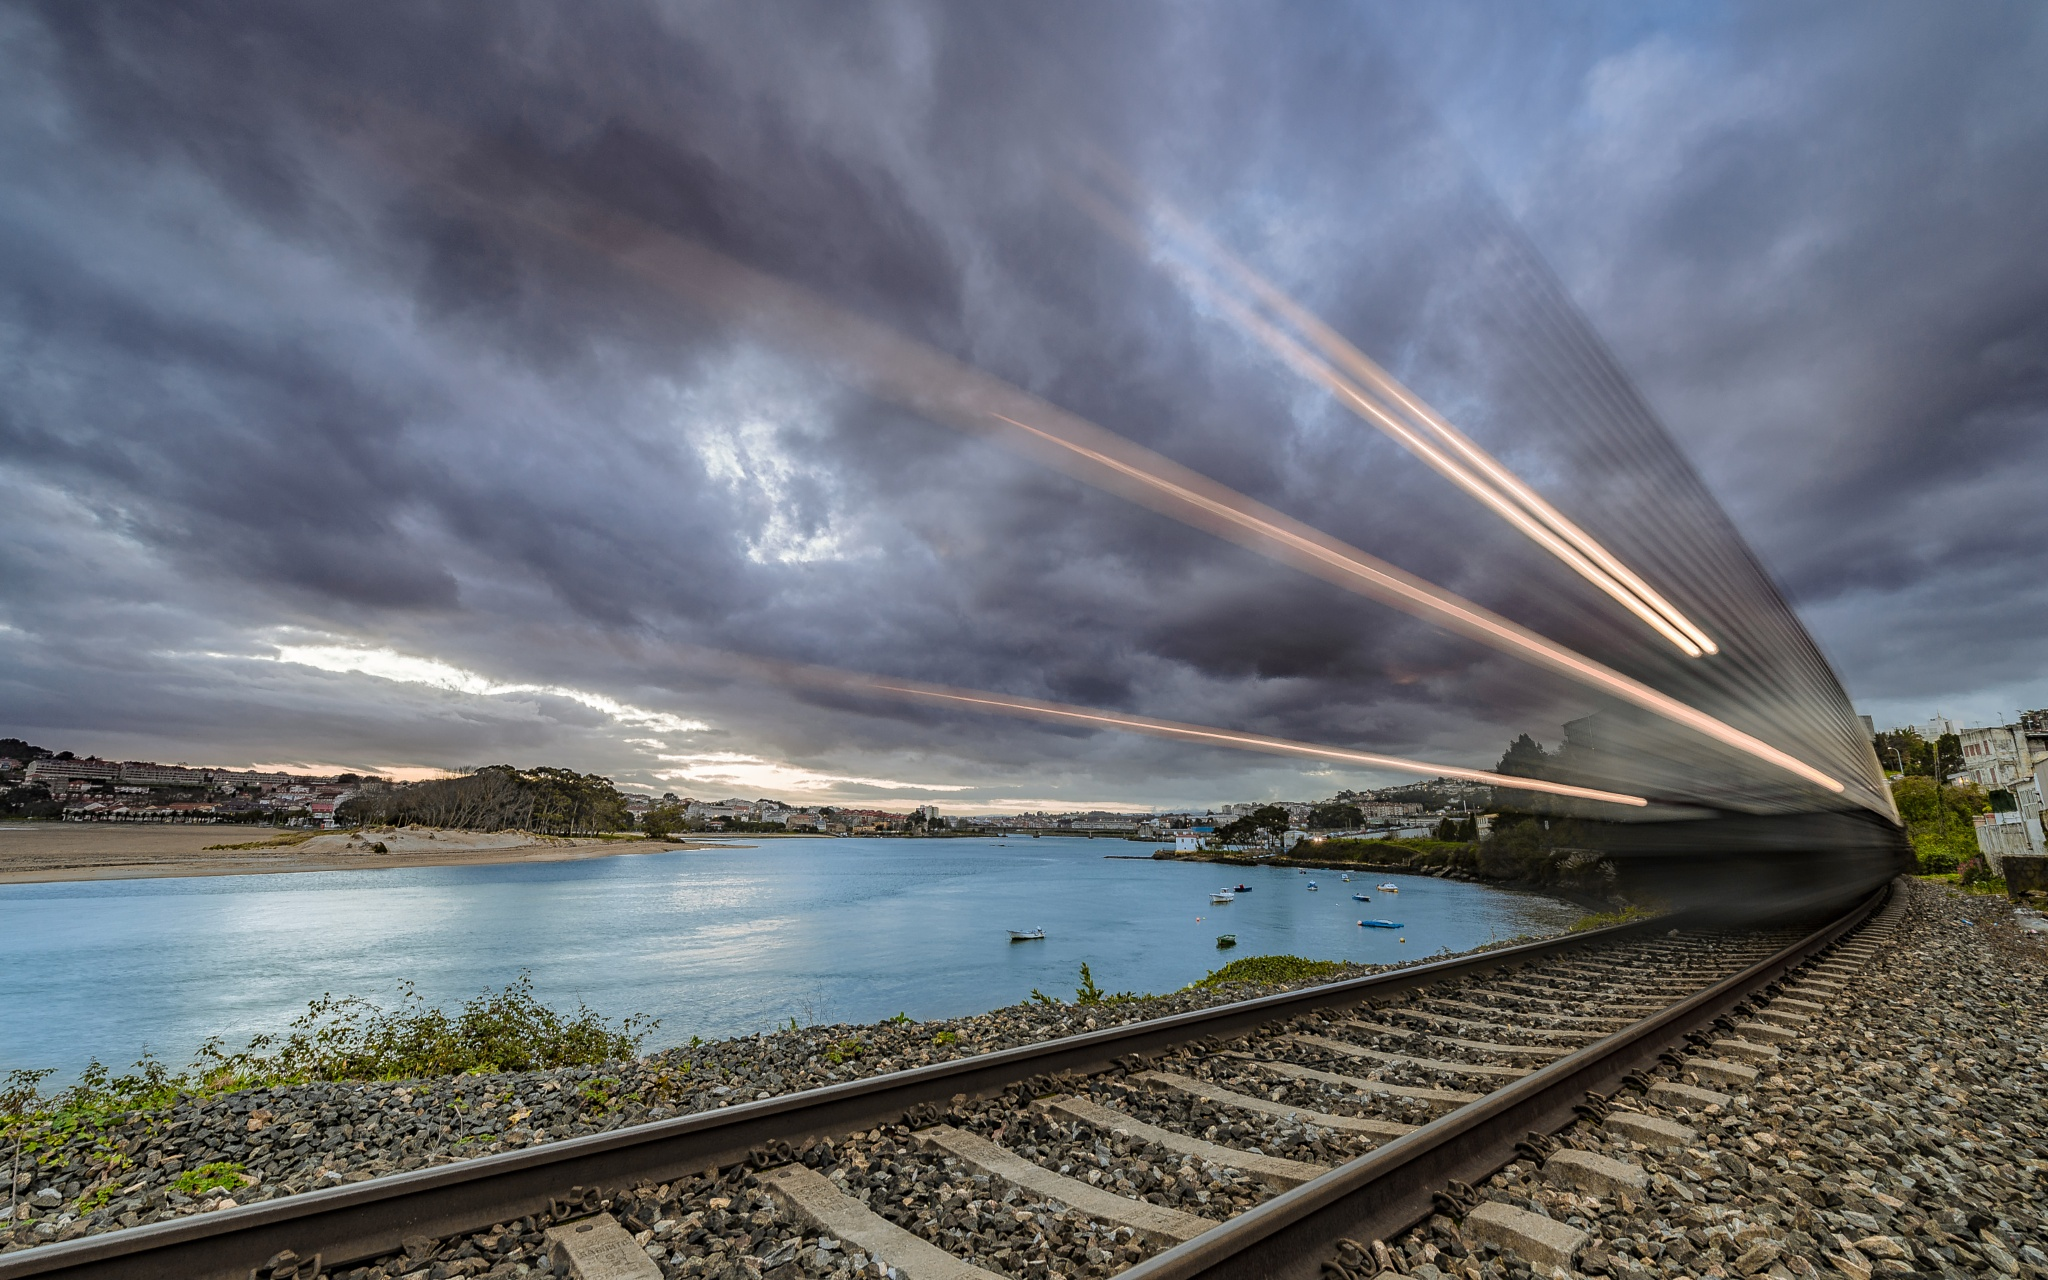 Ride the Train by Eduardo Regueiro